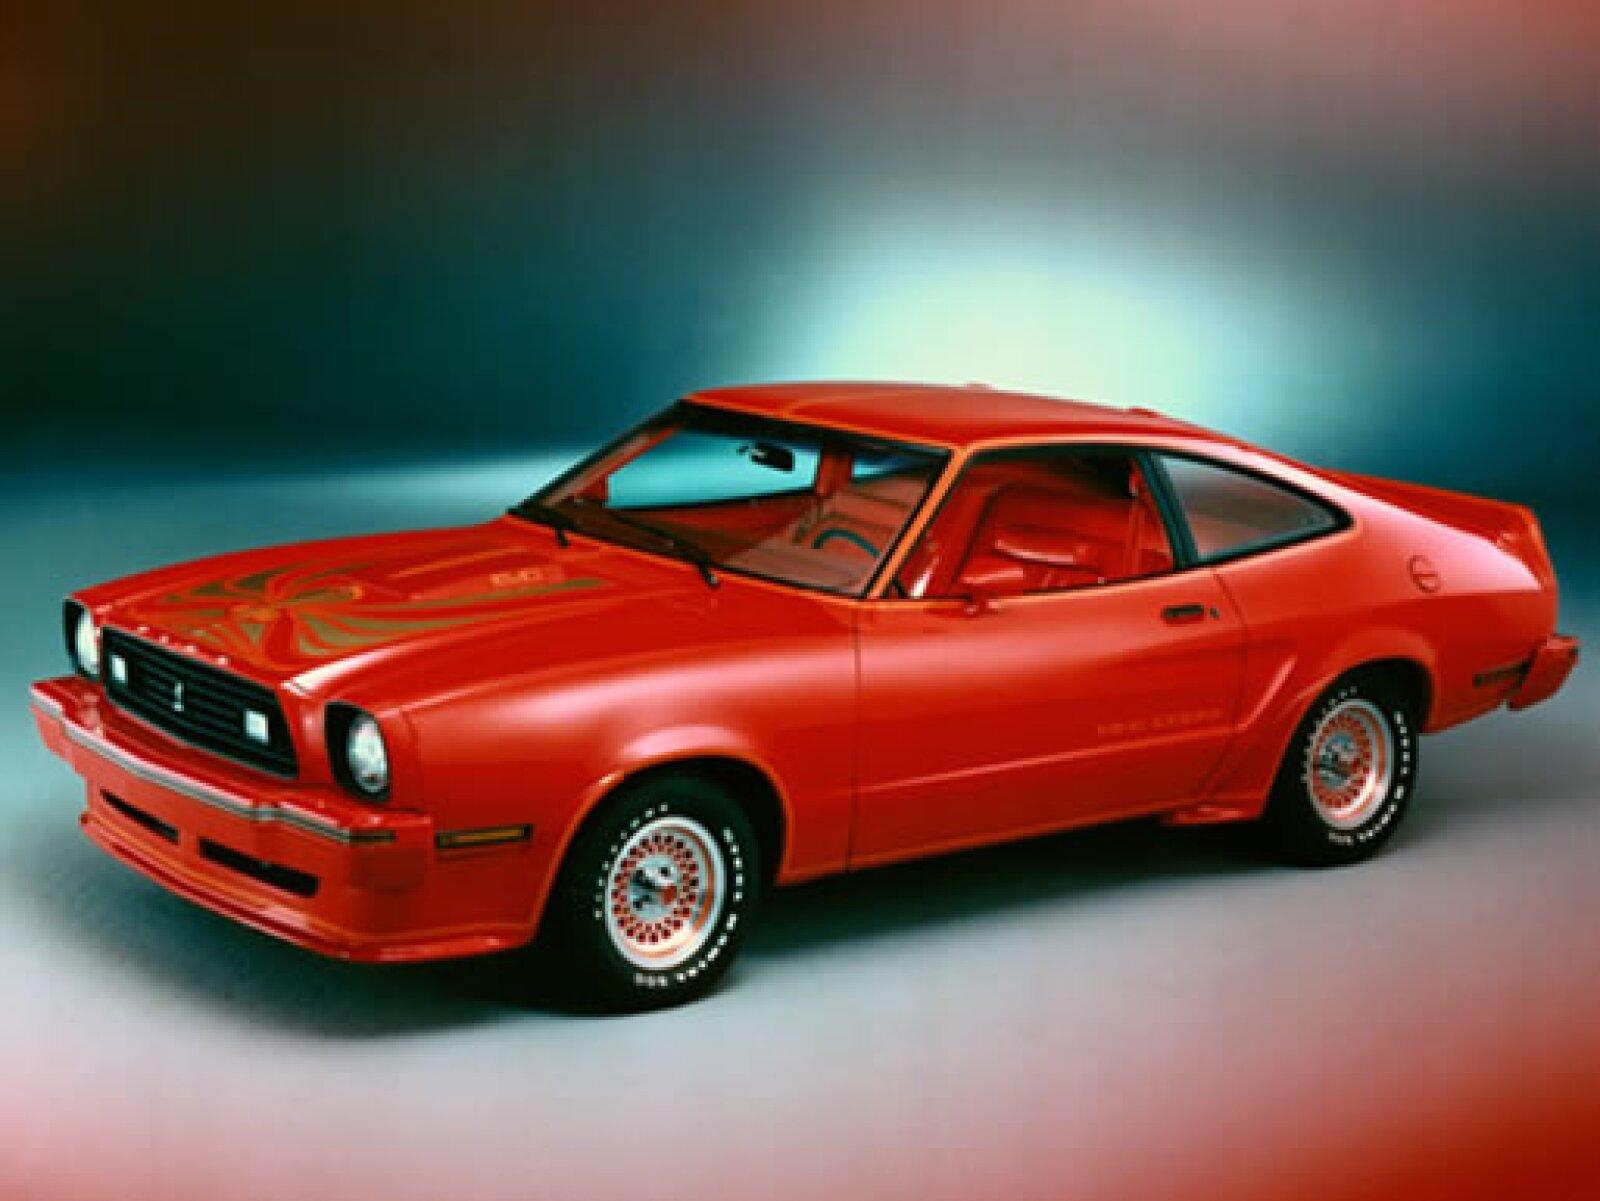 El nuevo modelo de 1978 inspirado en un Shelby tenía mejor desempeño para carreras automovilísticas.